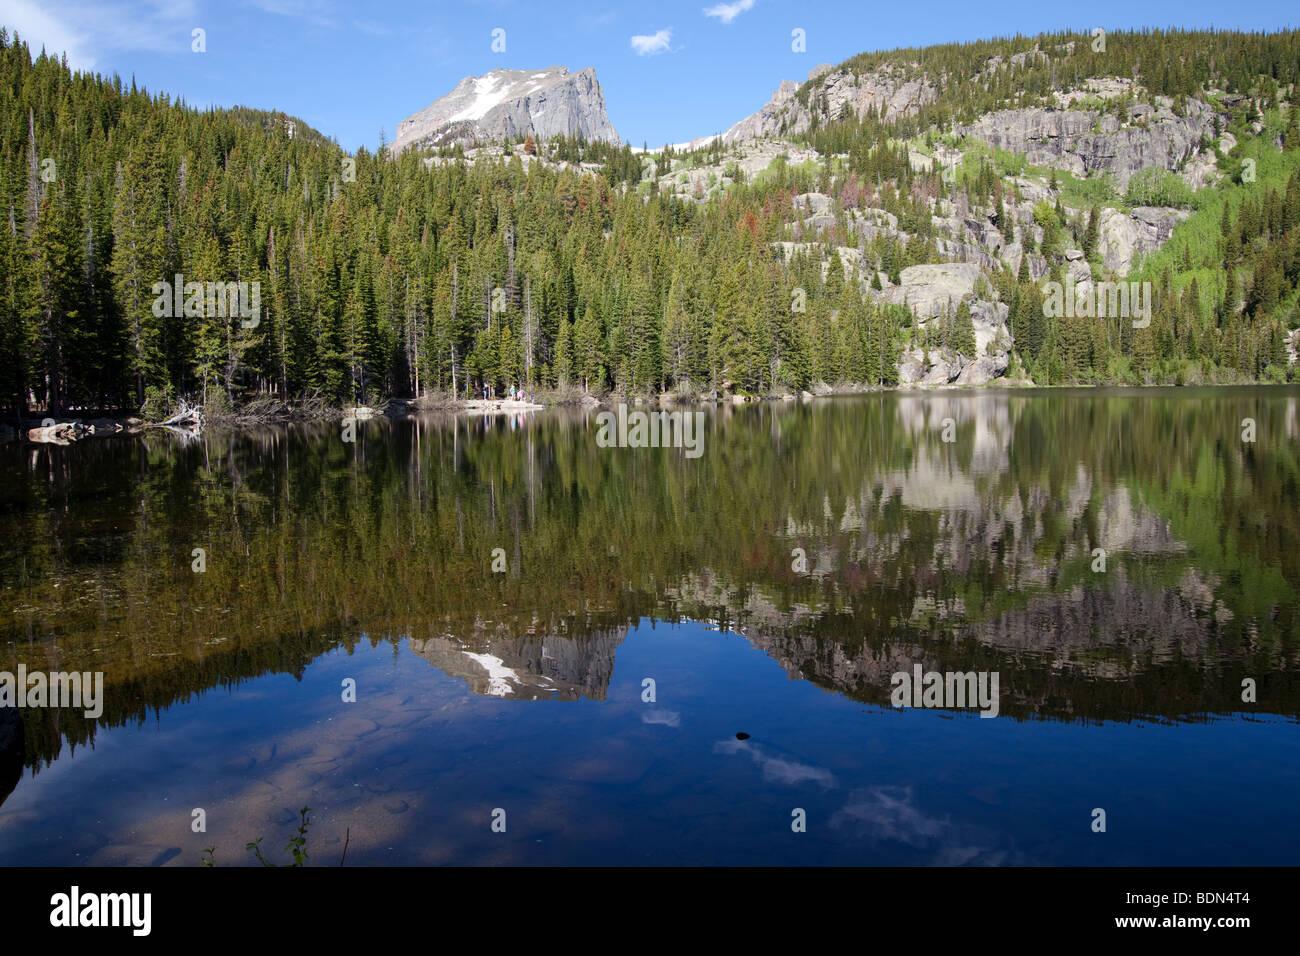 Bear Lake, Estes Park Colorado - Stock Image